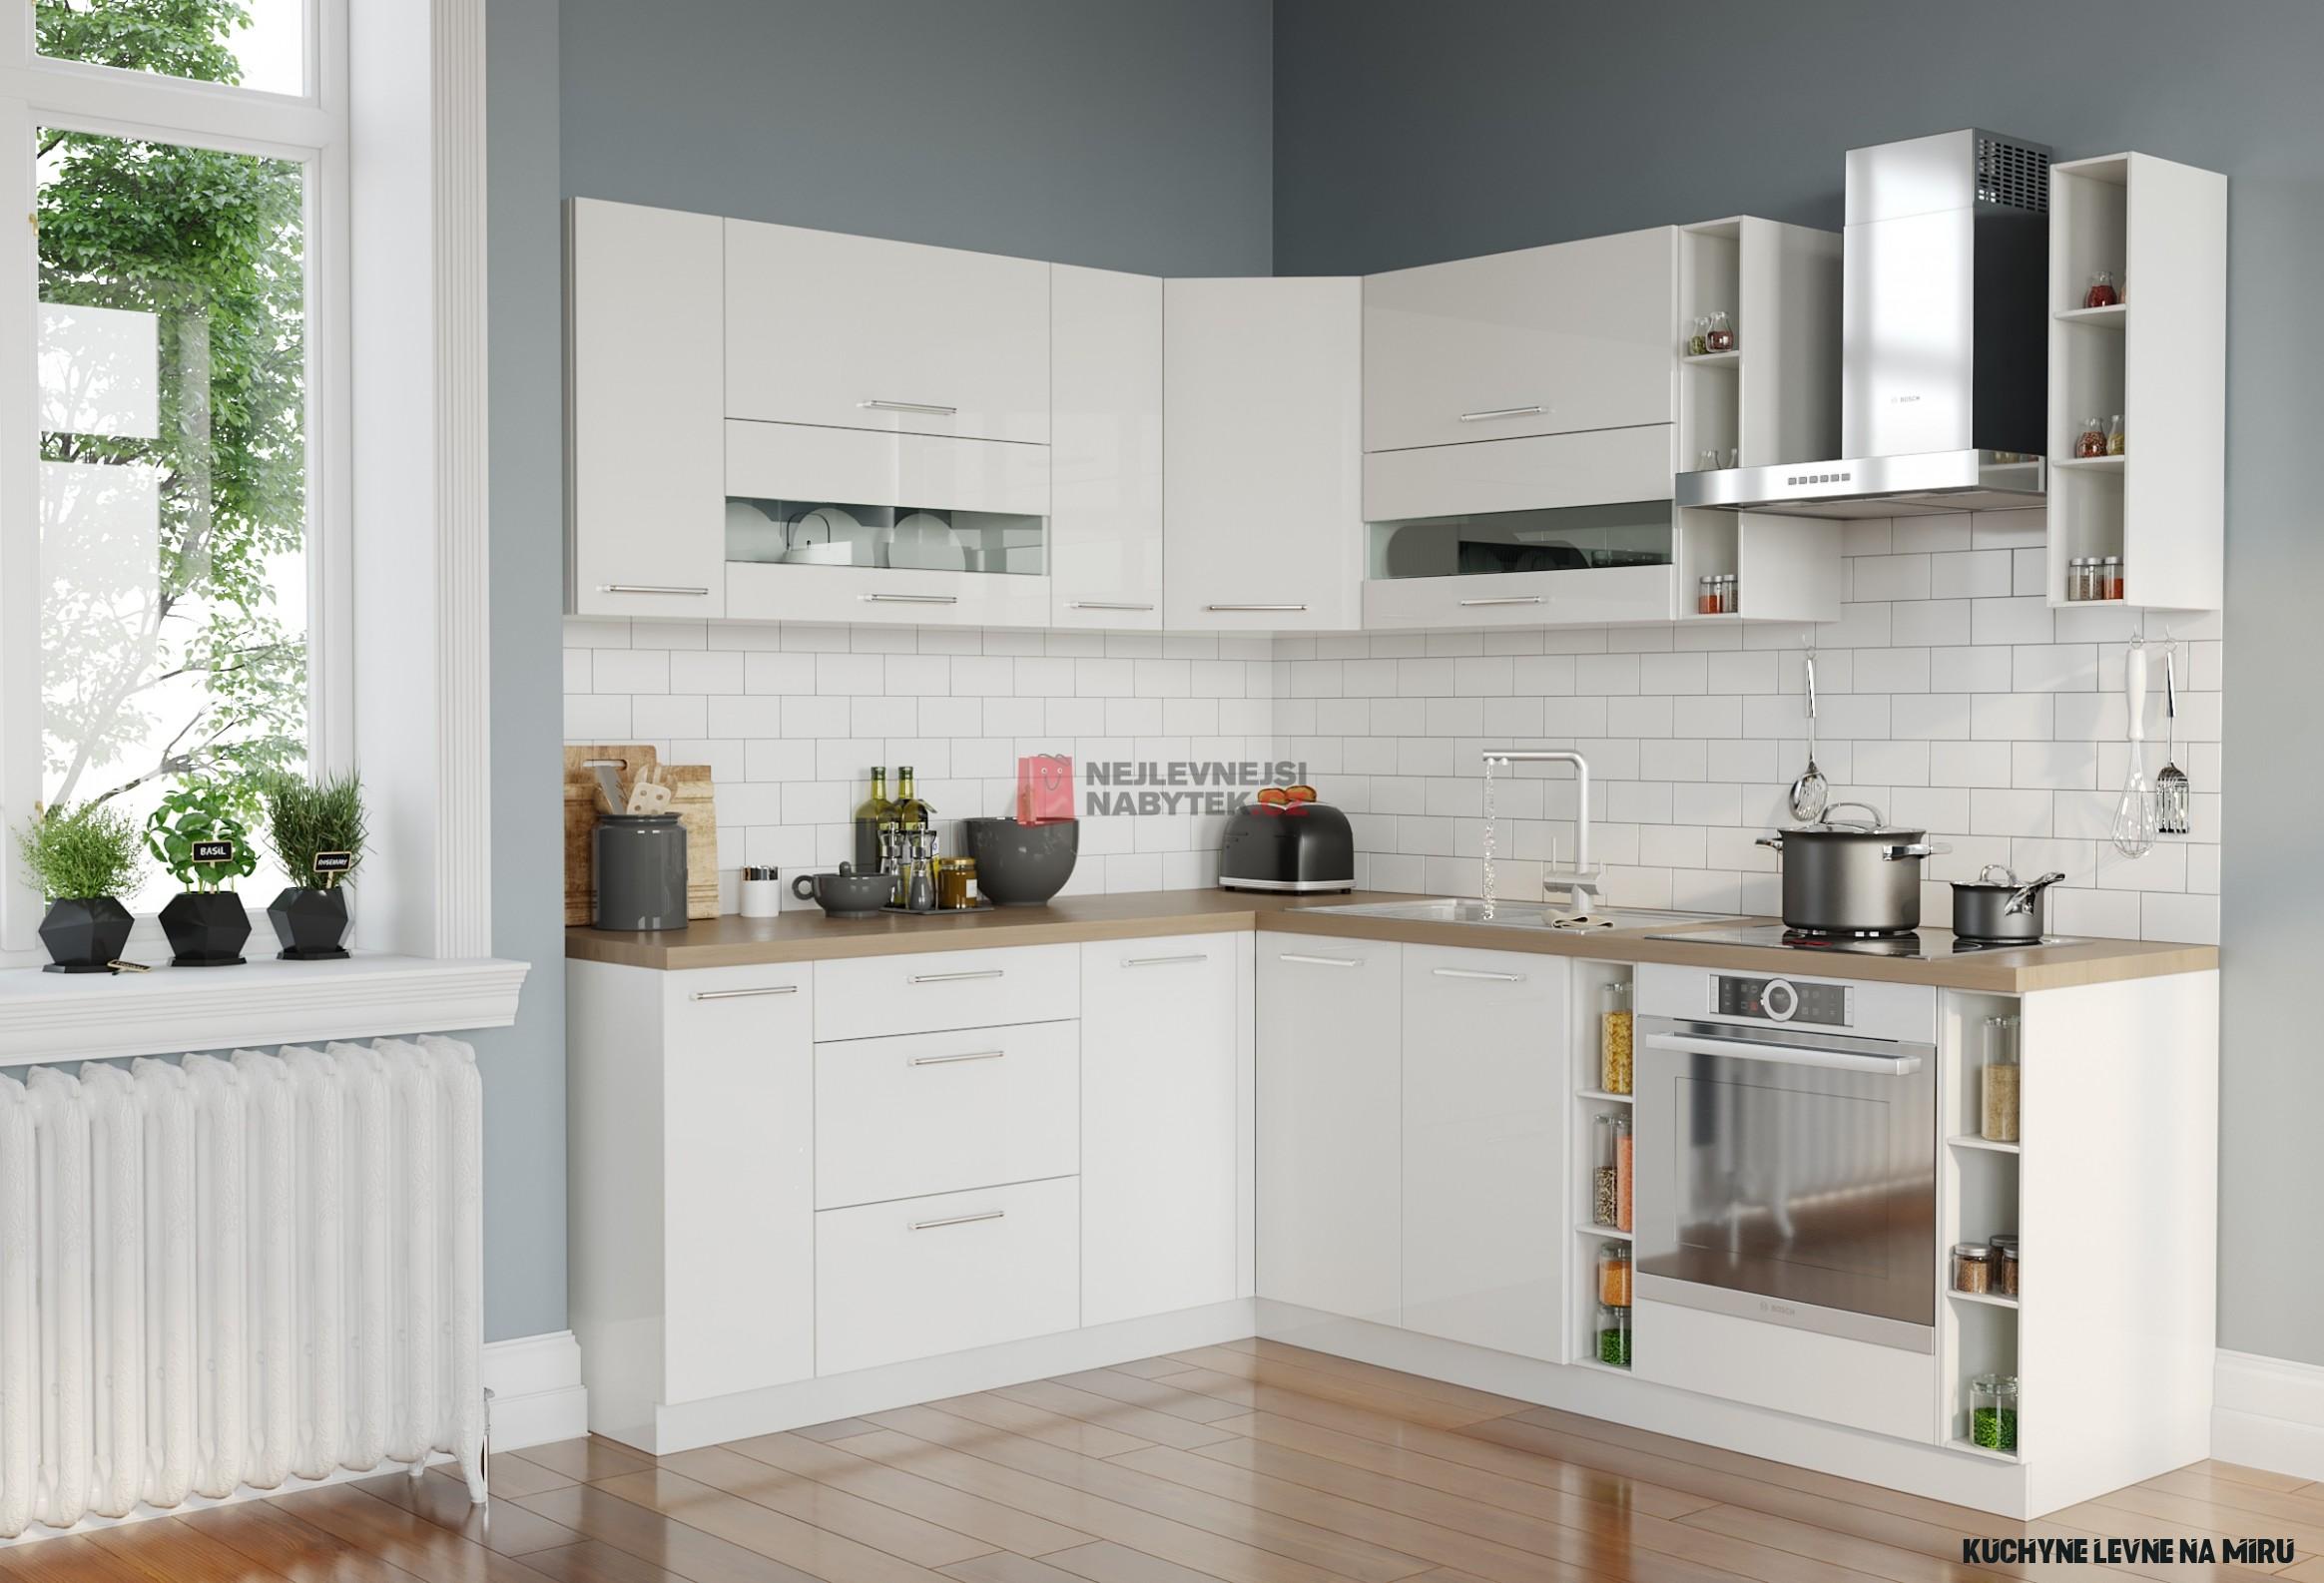 Rohová kuchyně COLBY 17x17, bílý lesk